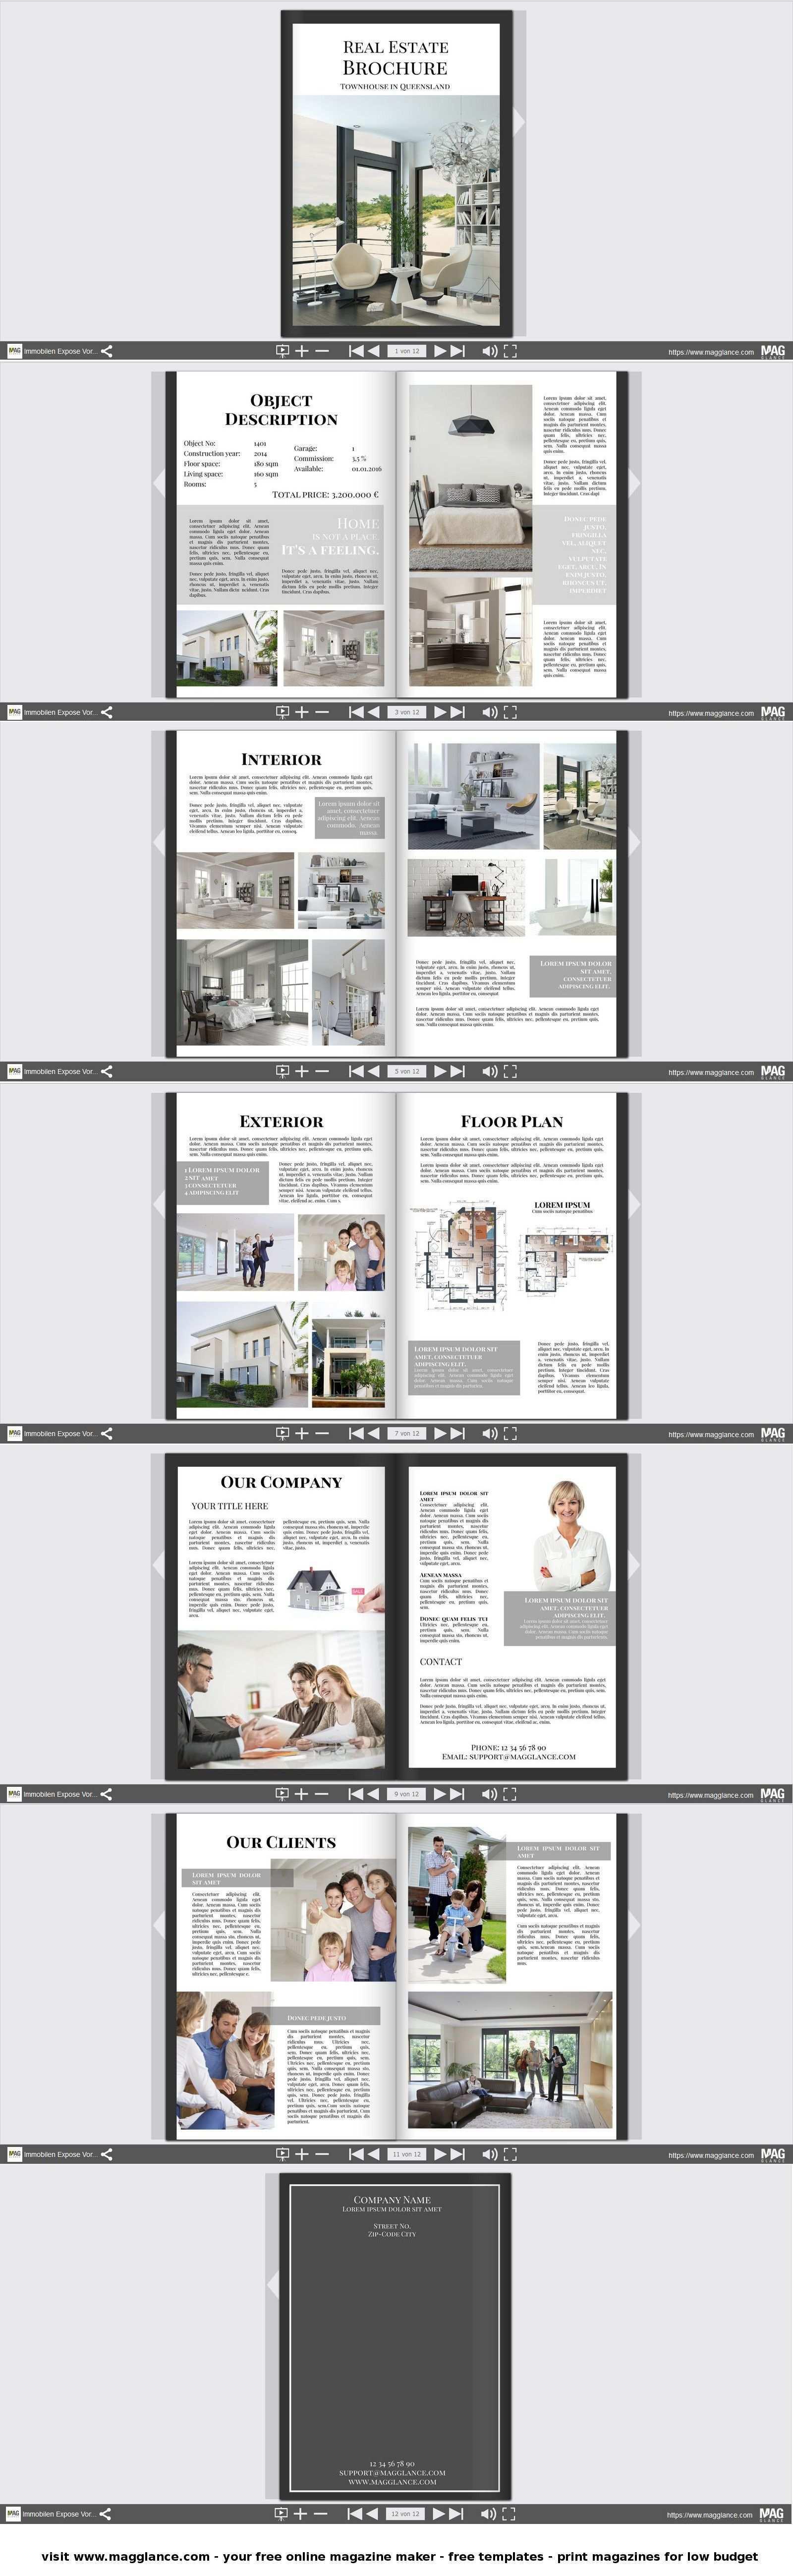 Immobilien Expose Kostenlos Online Erstellen Und Gunstig Drucken Unter De Magglance Com Immobilien Expose Wohnen Immobilie Expose Immobilien Immobilien Pose